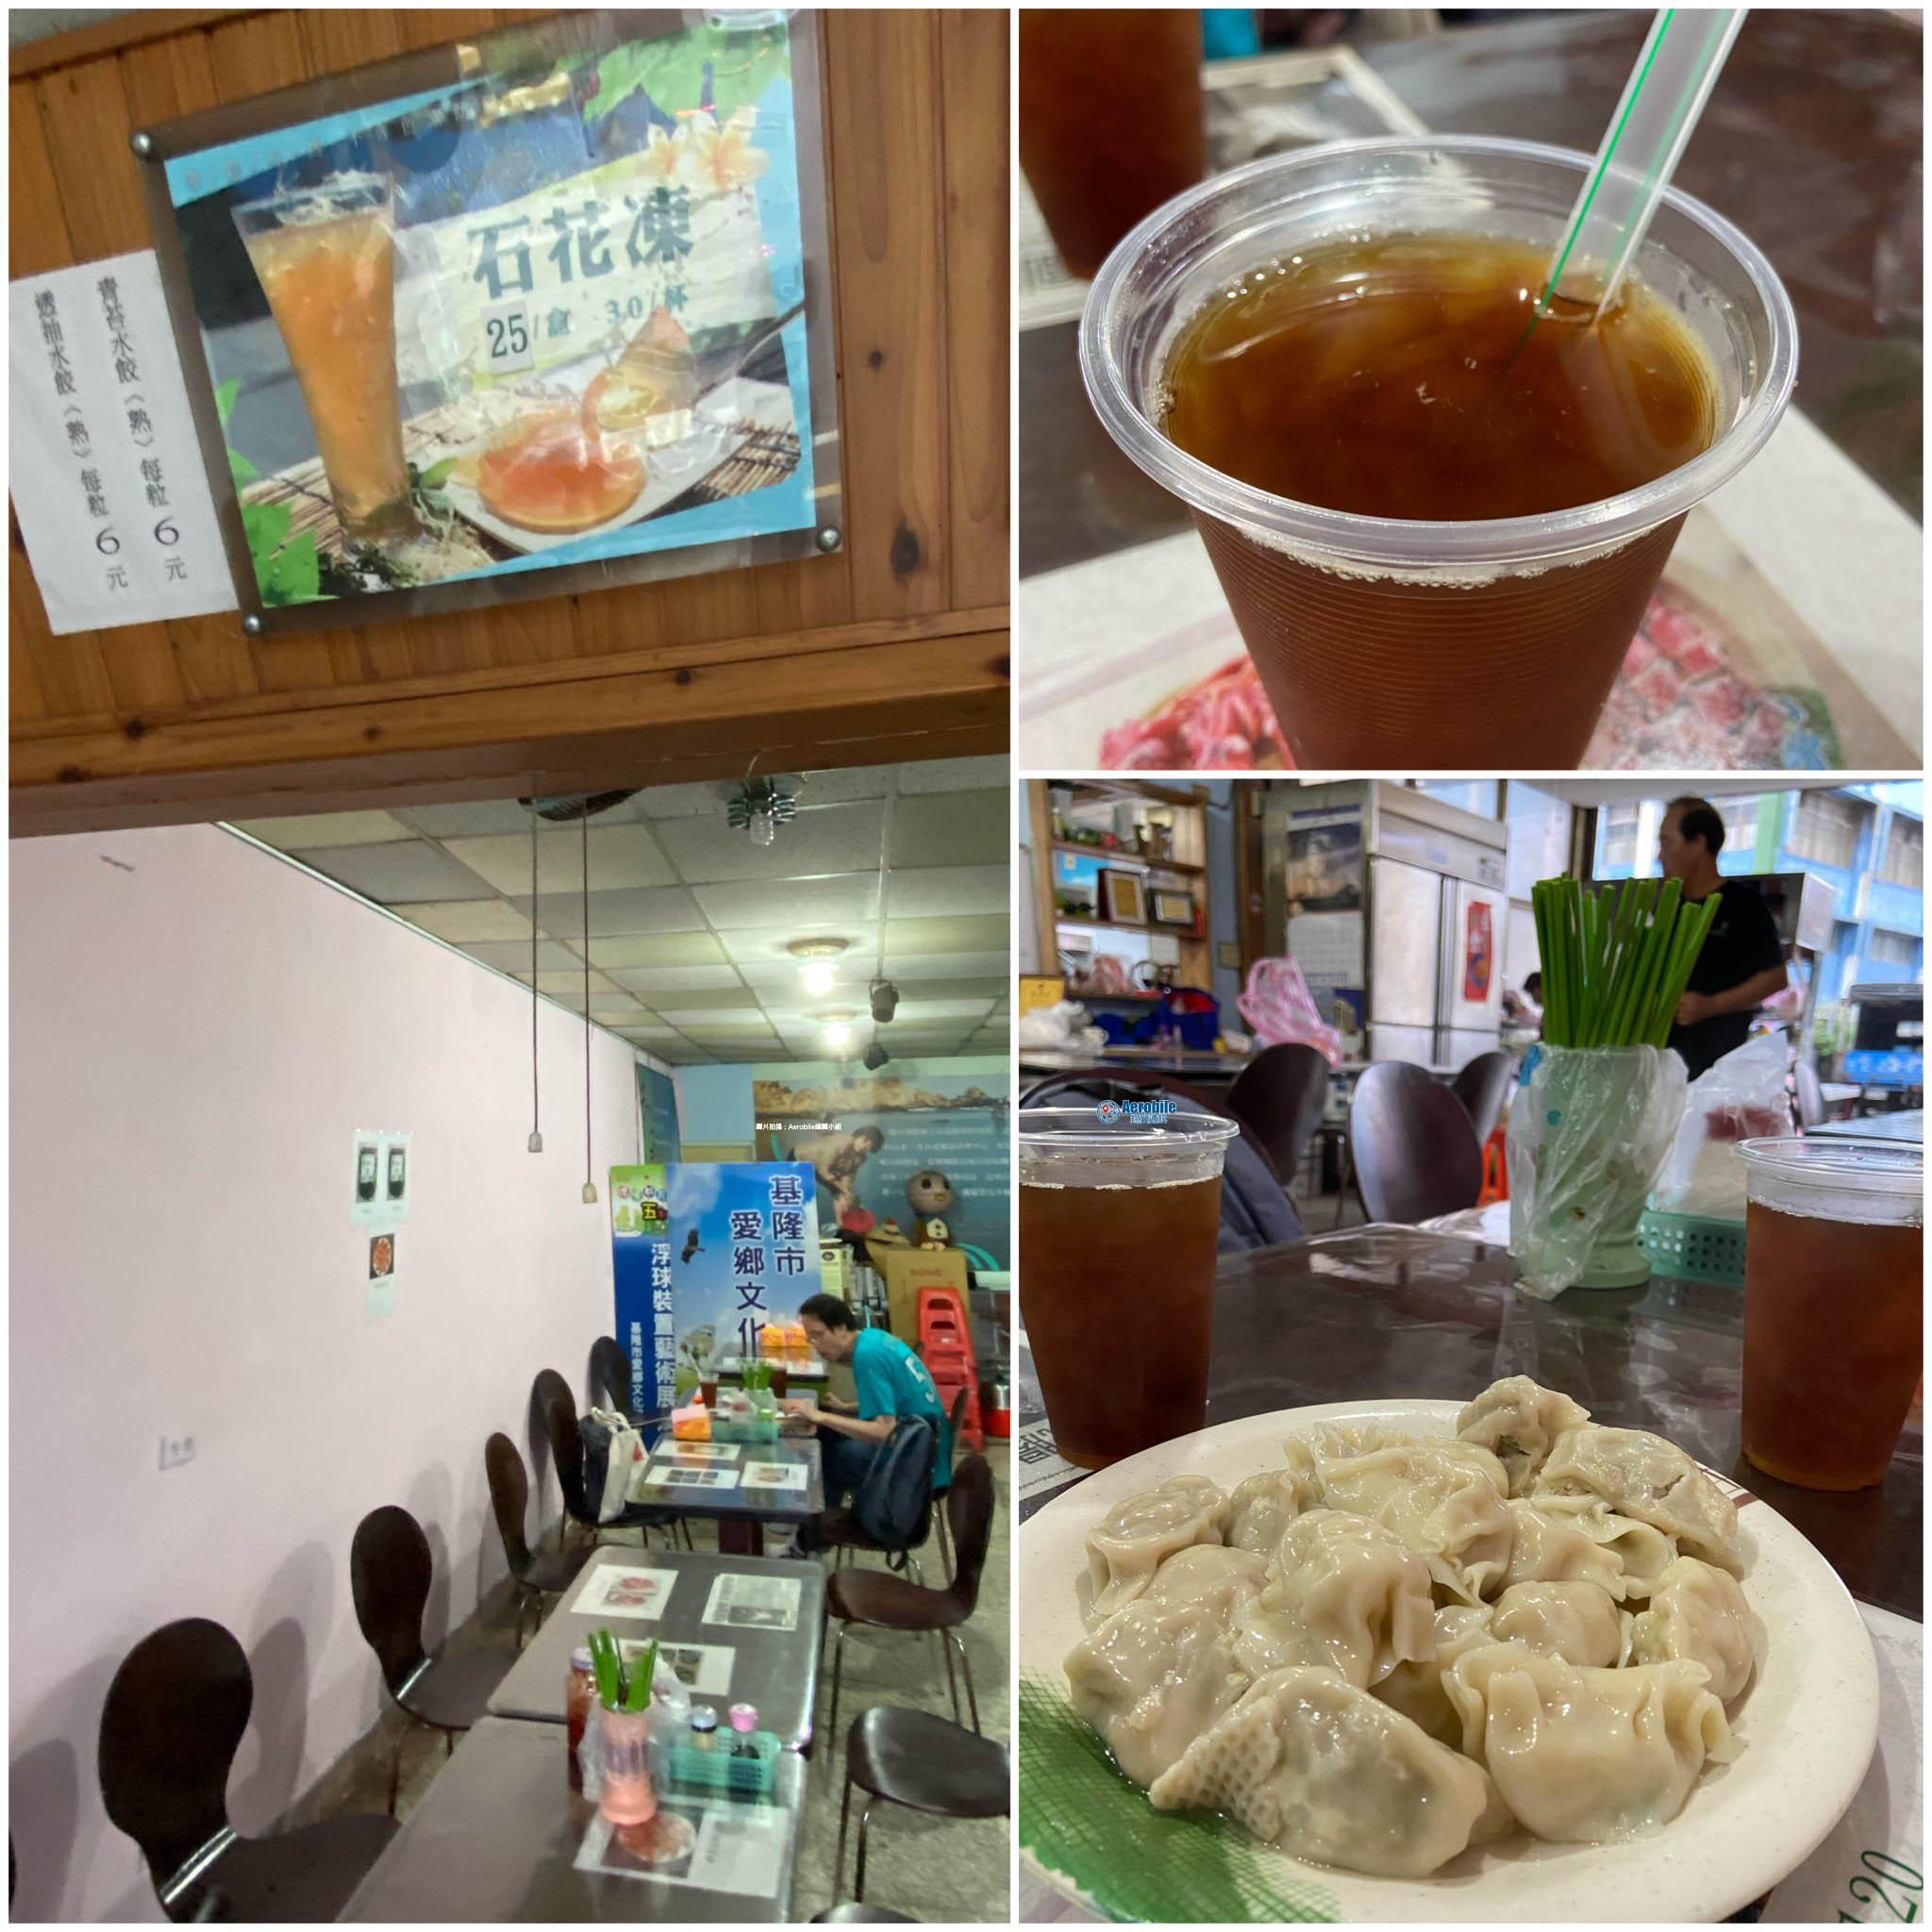 基隆景點和平島公園世界級秘境.親子戲水池.望海咖啡館 (6)